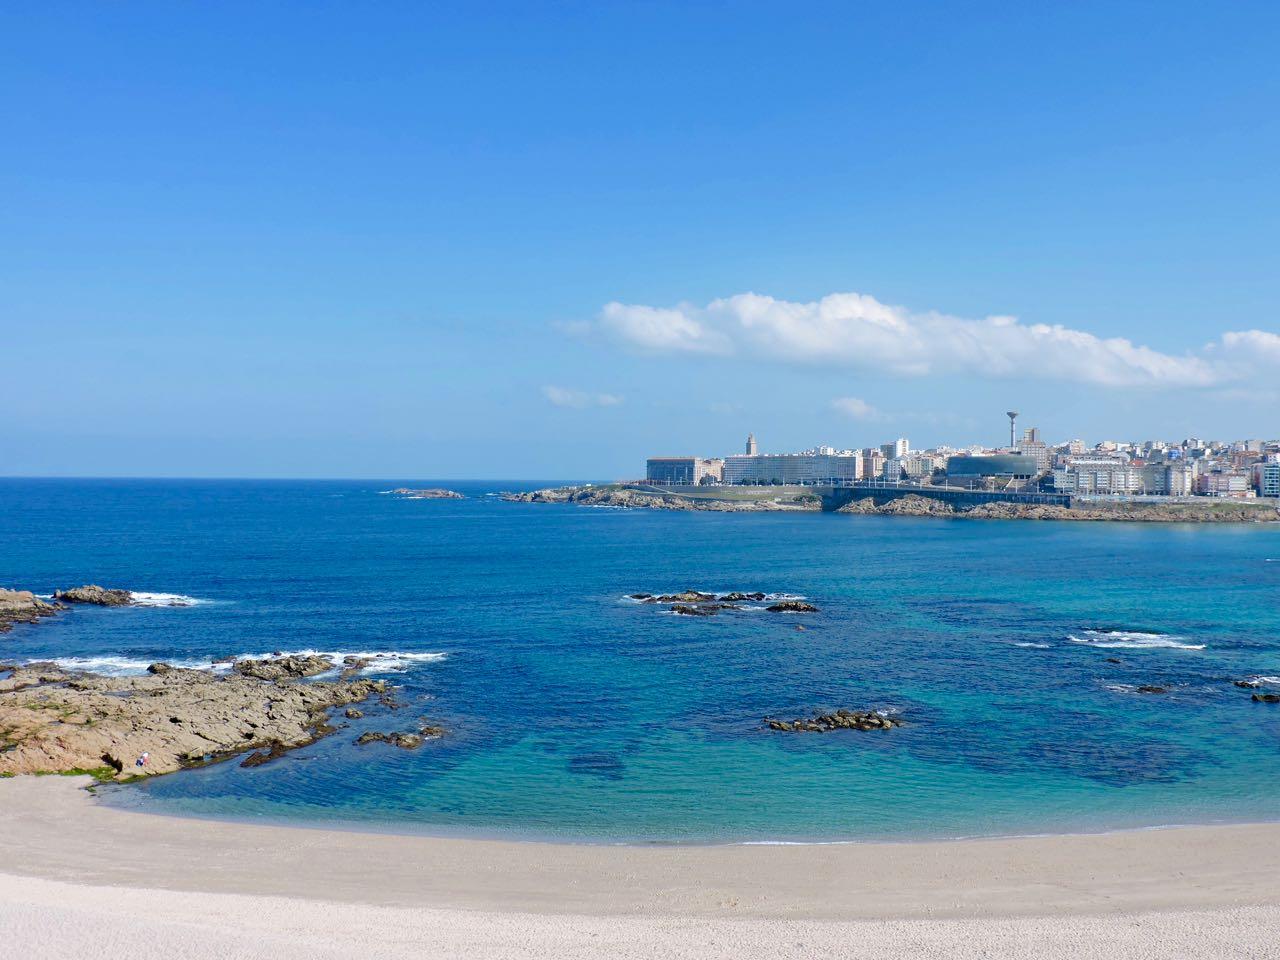 Piso primera linea de playa riazor la coru a arvain servicios inmobilairios - Piso en la coruna ...